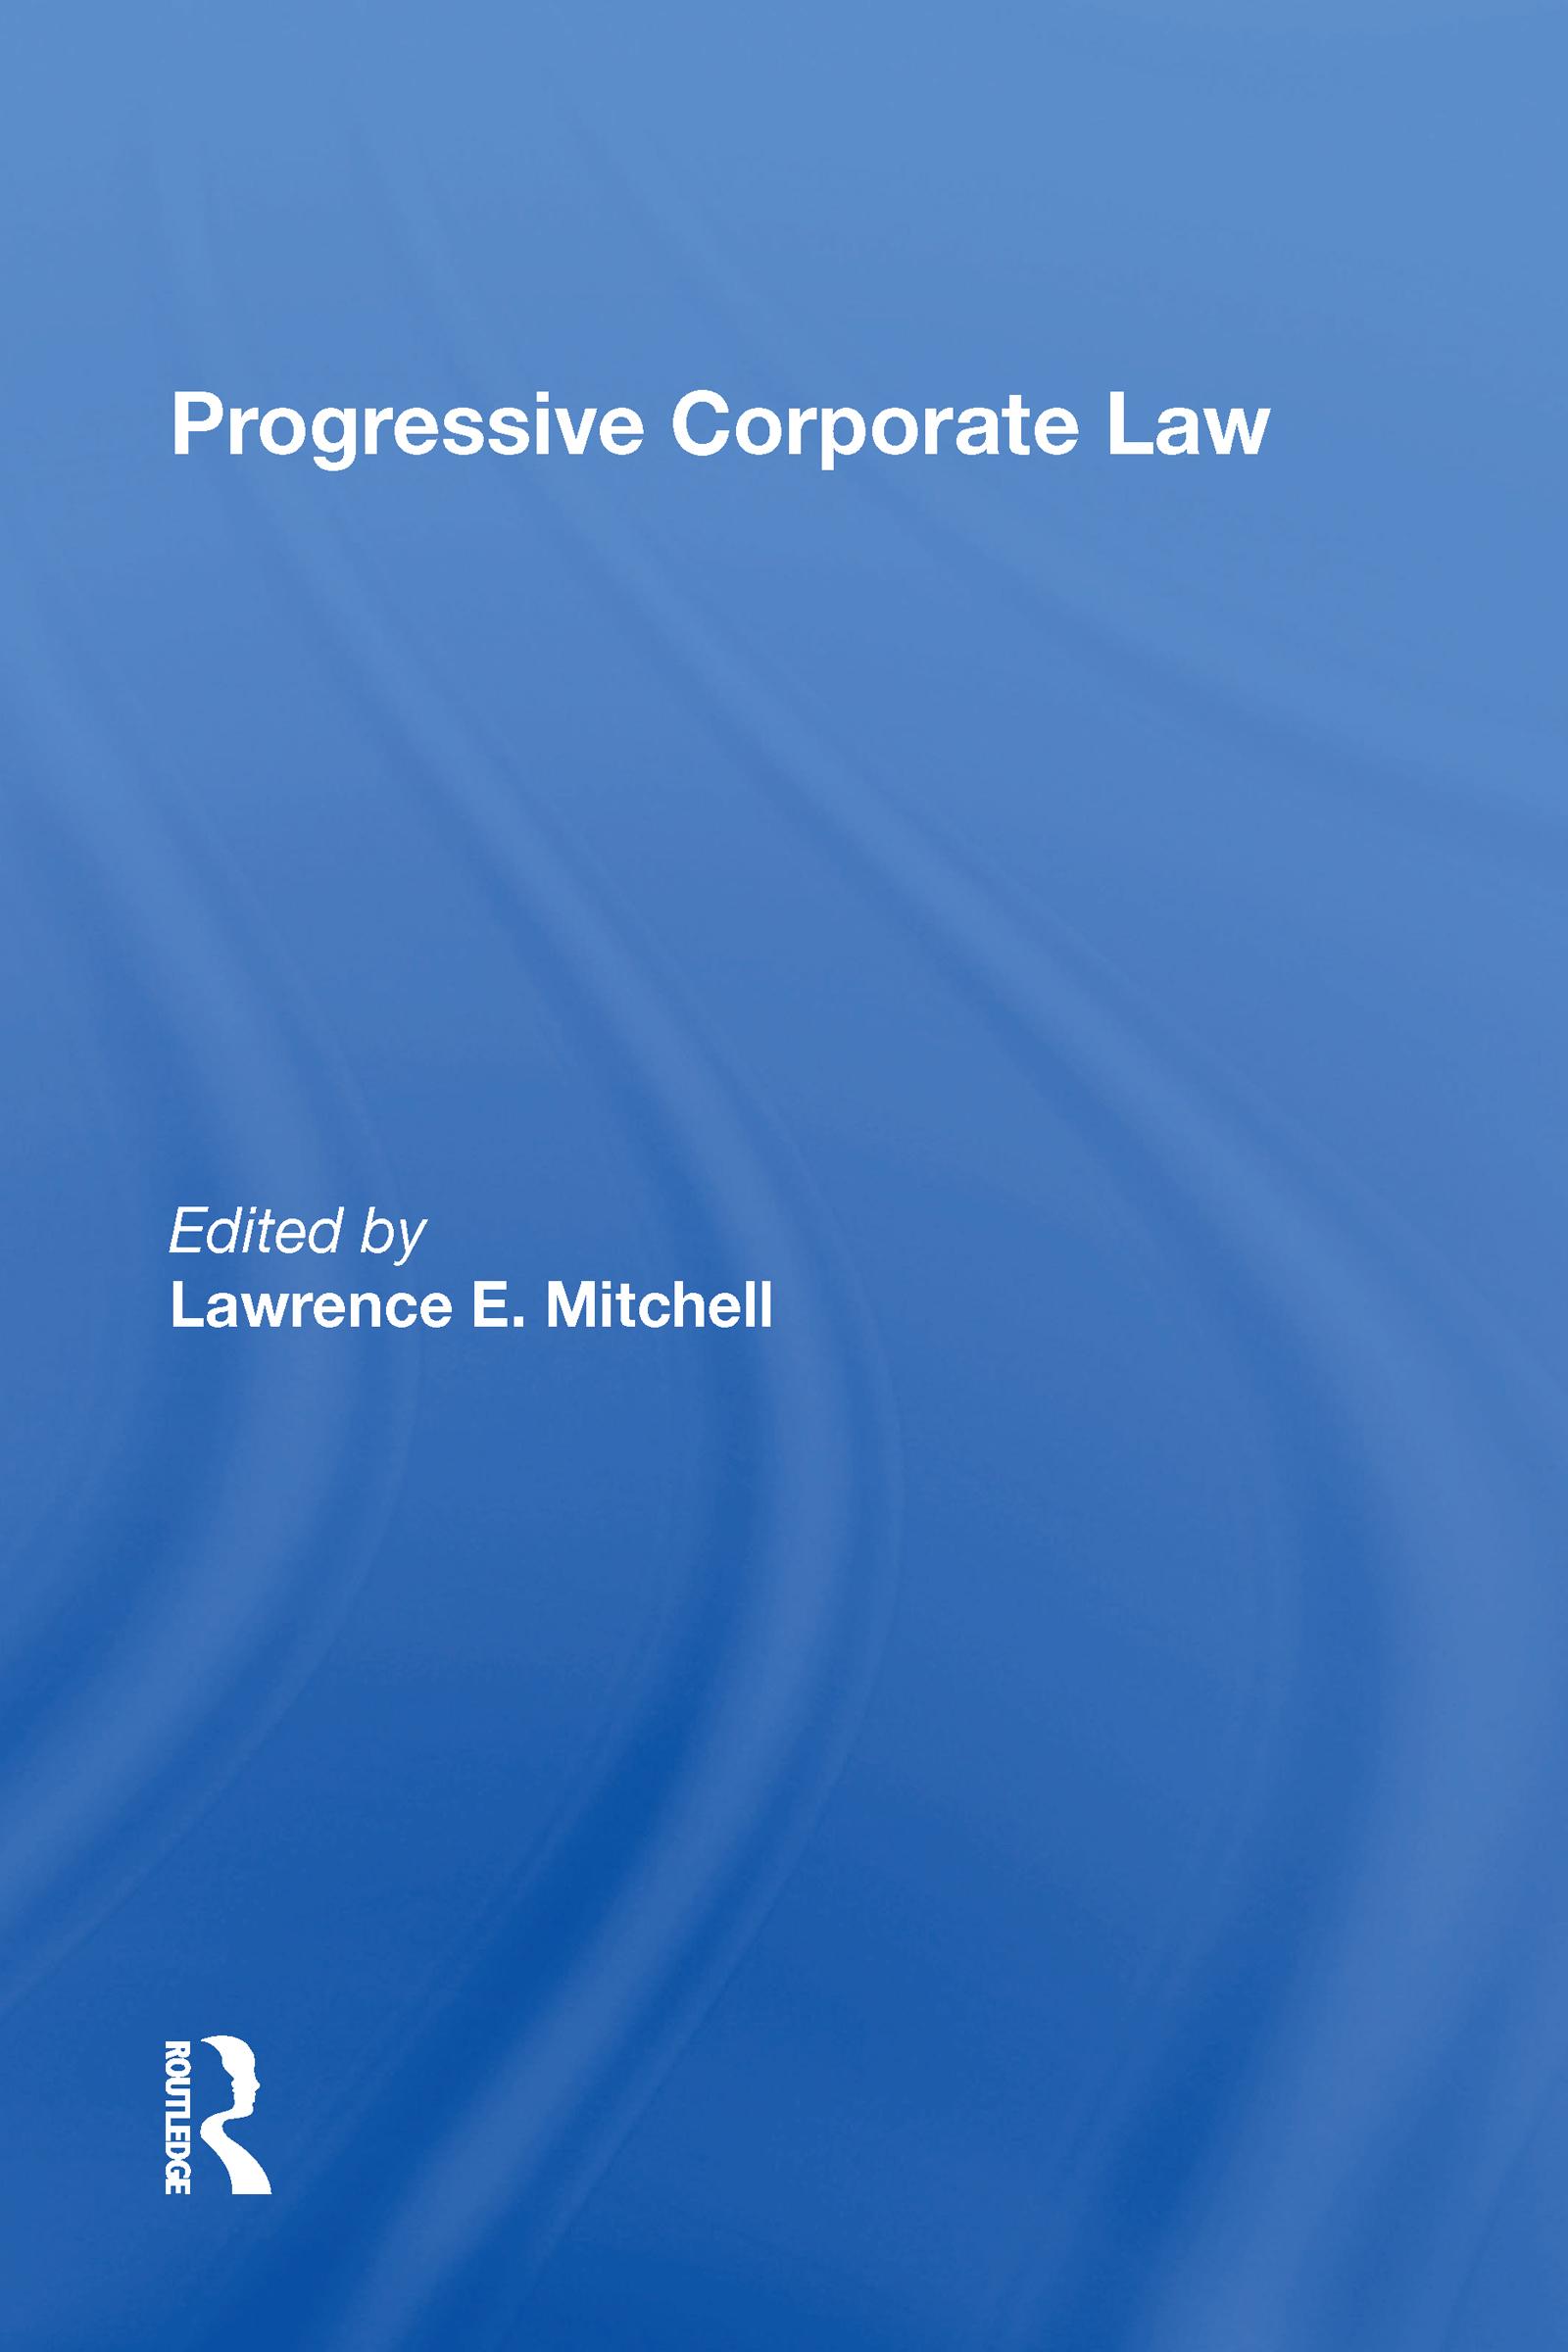 Progressive Corporate Law